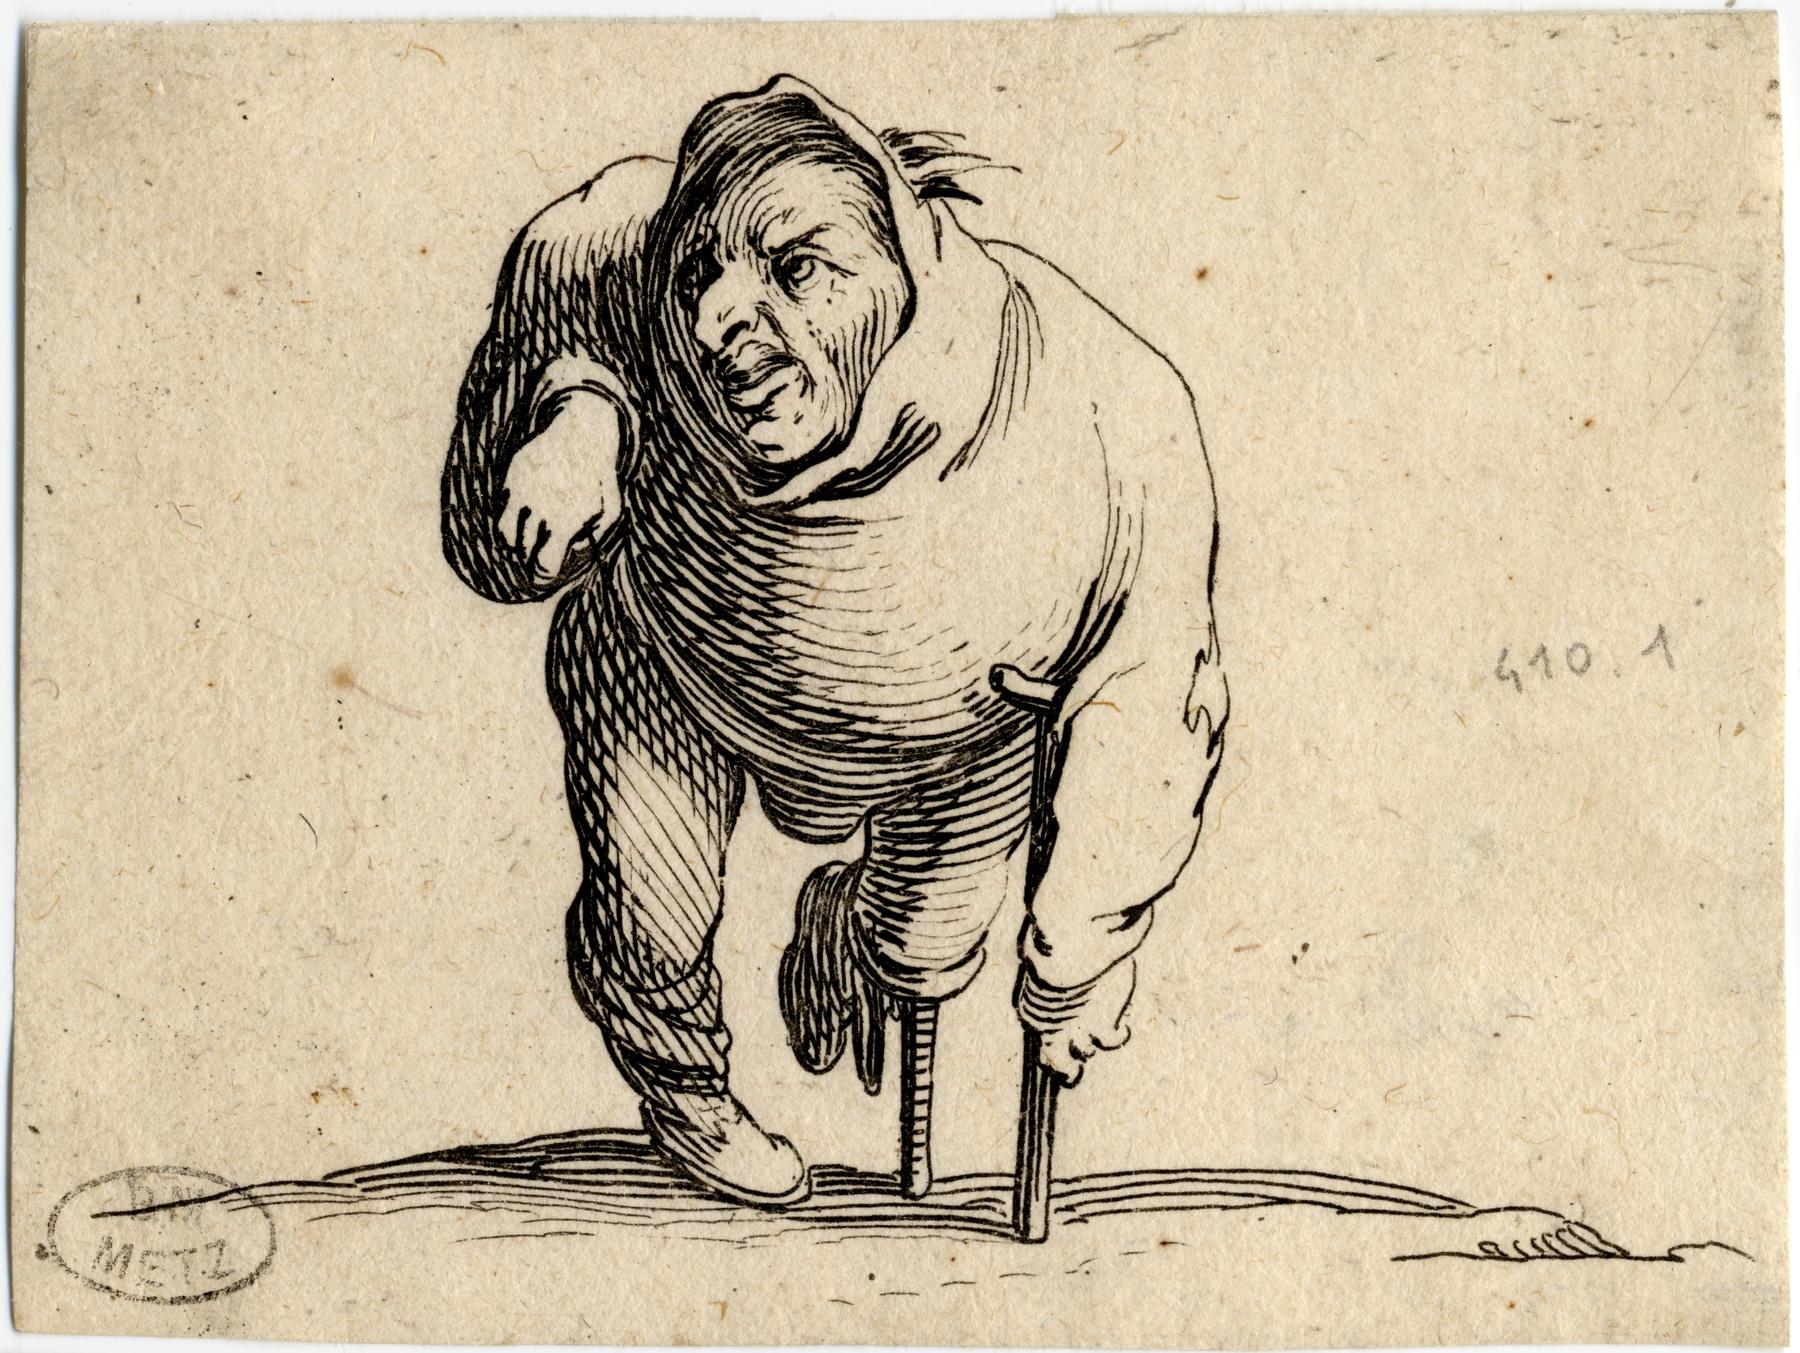 Contenu du Les Gobbi: L'estropié à la béquille et à la jambe de bois